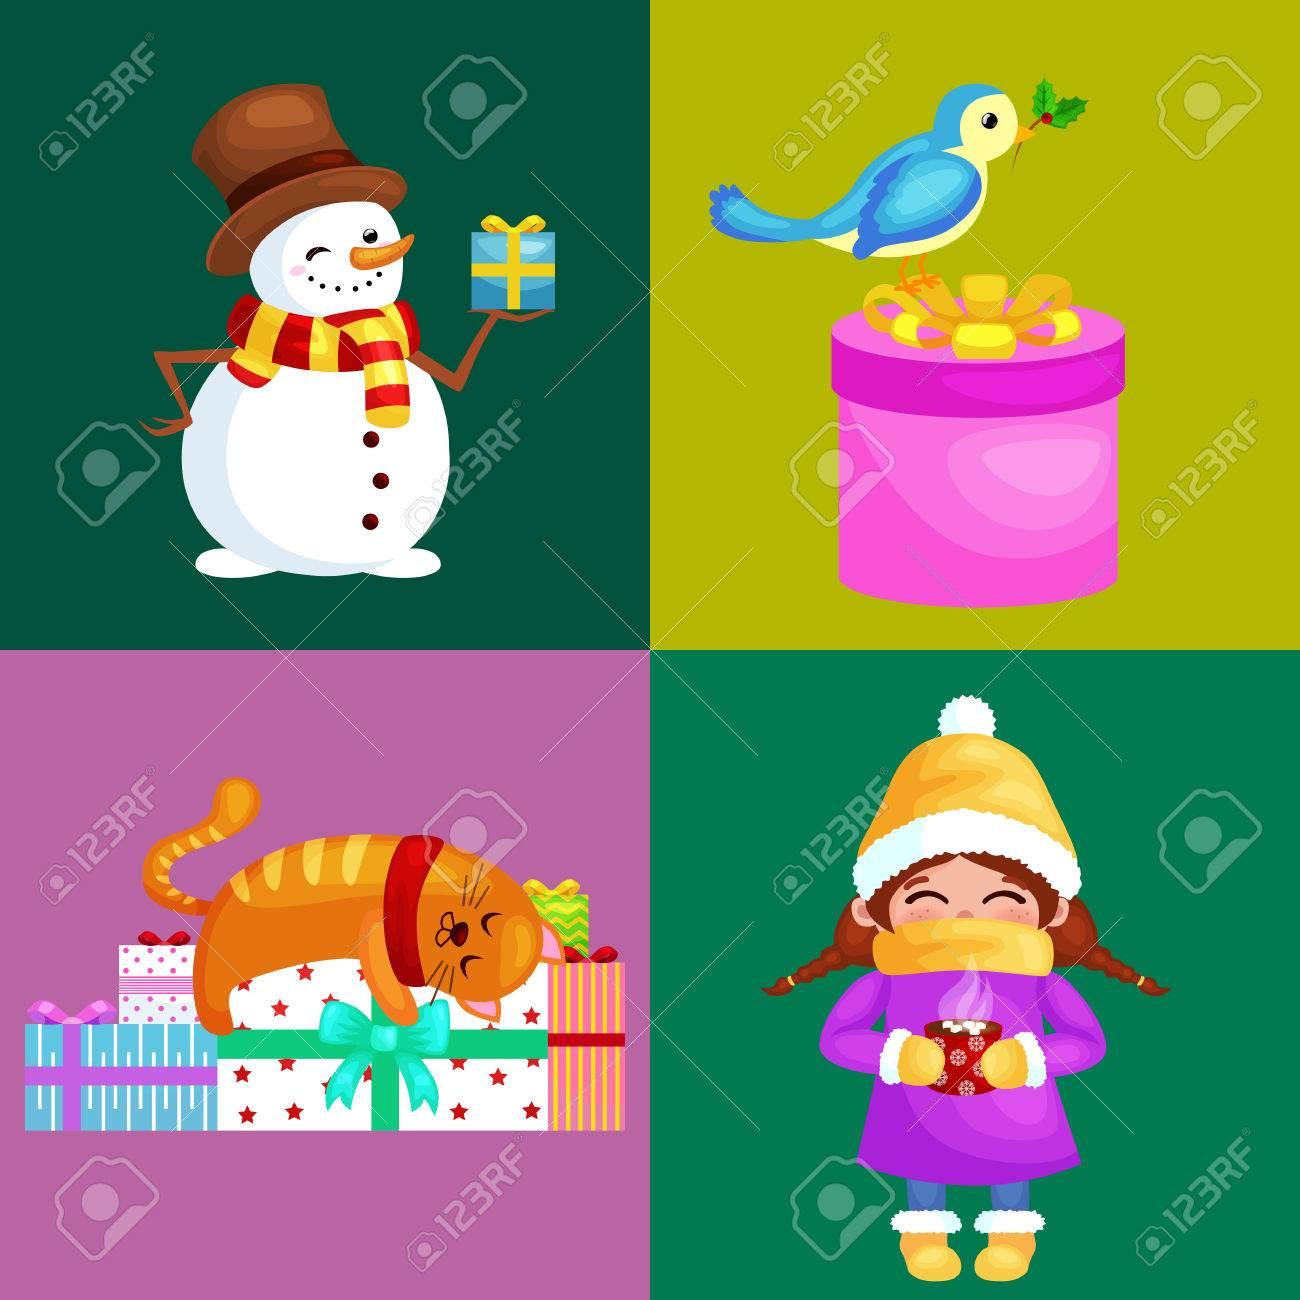 69ae3cd85 Conjunto De Ilustraciones Vectoriales Feliz Navidad Feliz Año Nuevo, Chica  En Ropa Cálida Bufanda Del Sombrero Y Las Manoplas En Vacaciones De  Invierno, ...